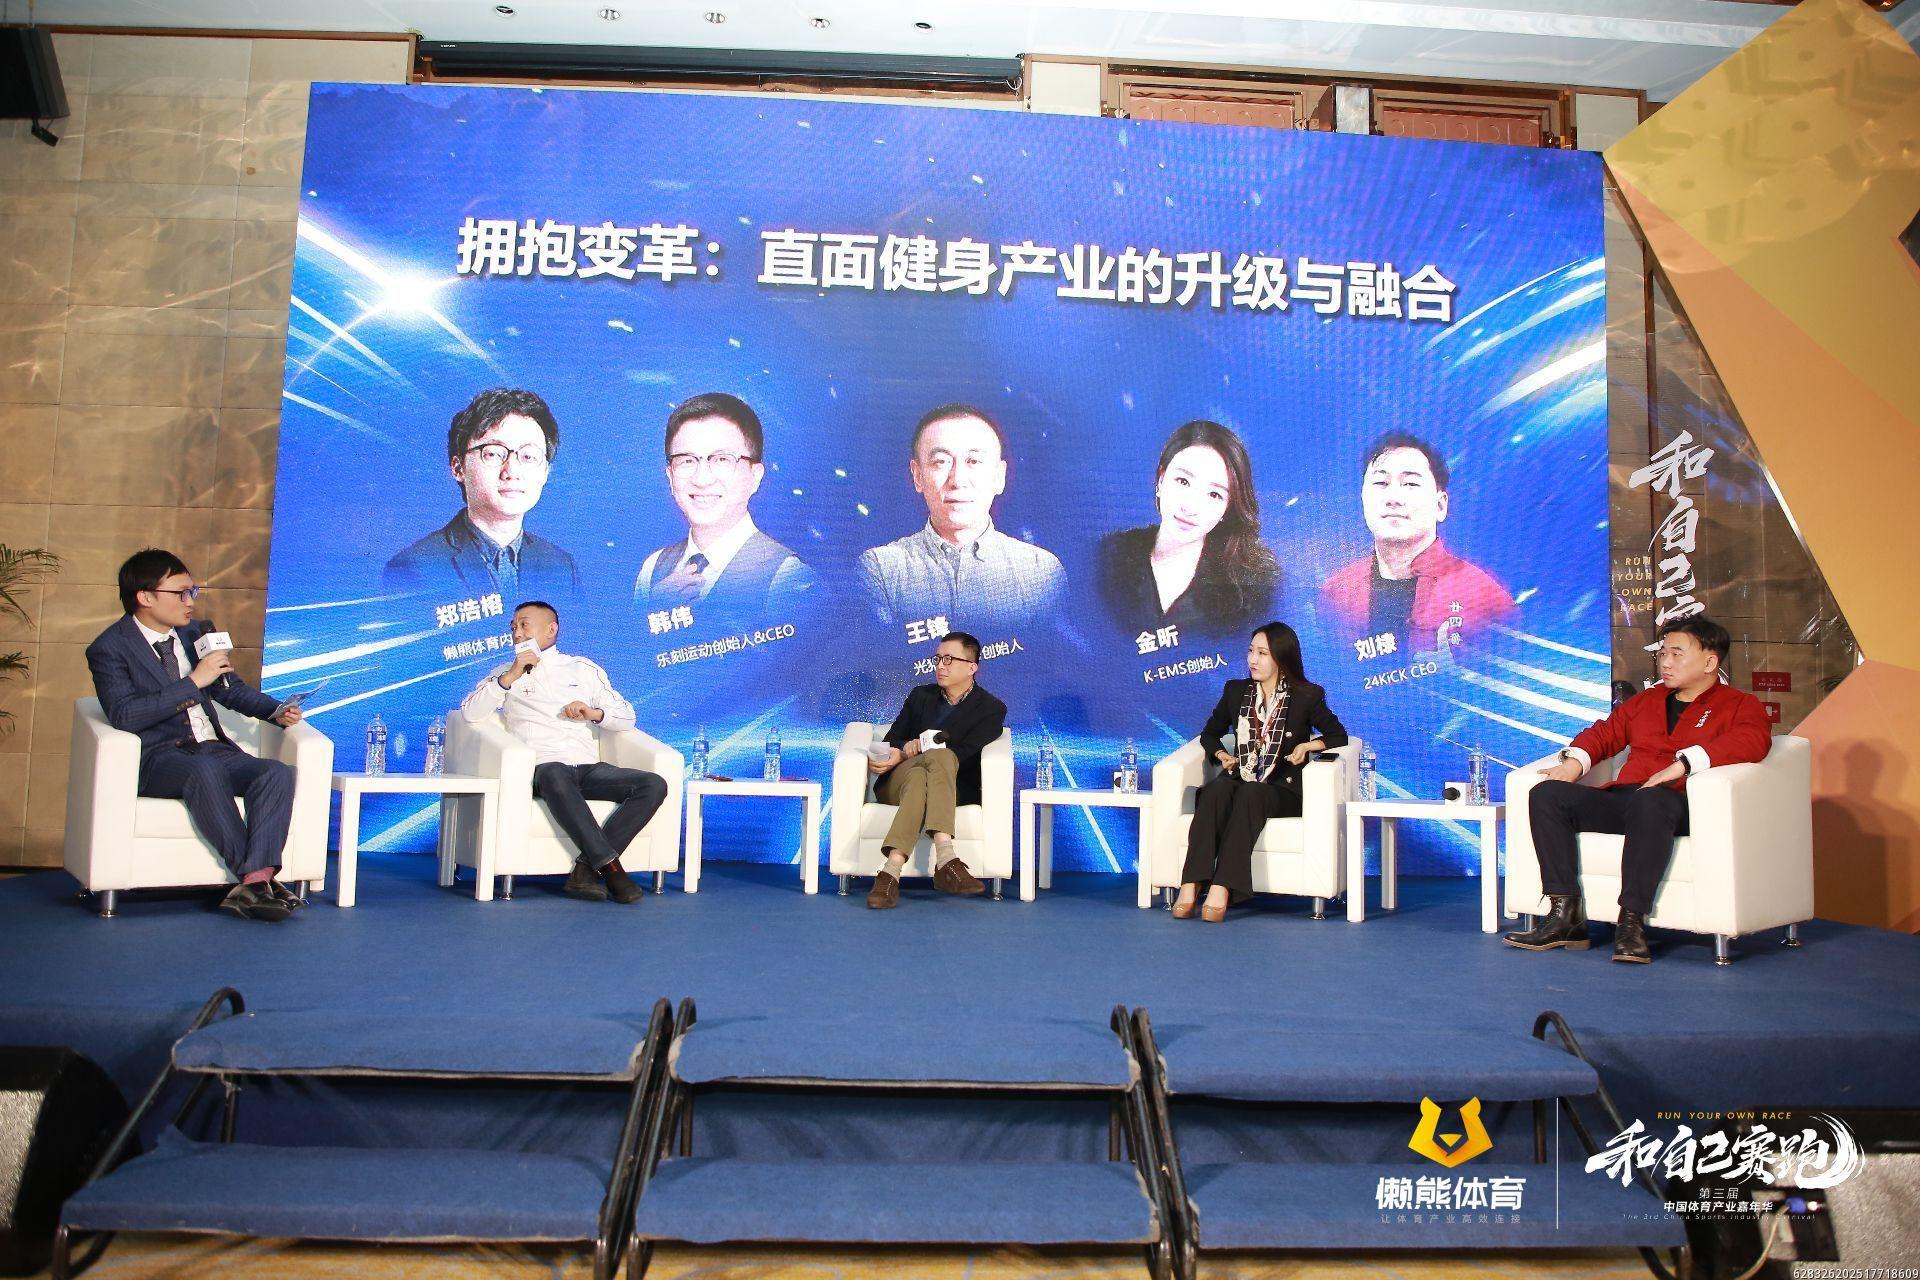 兔+熊儿童运动品牌创始人郑文斌:体育教育最终会汇聚到文化,企业最需要关注自己的产品